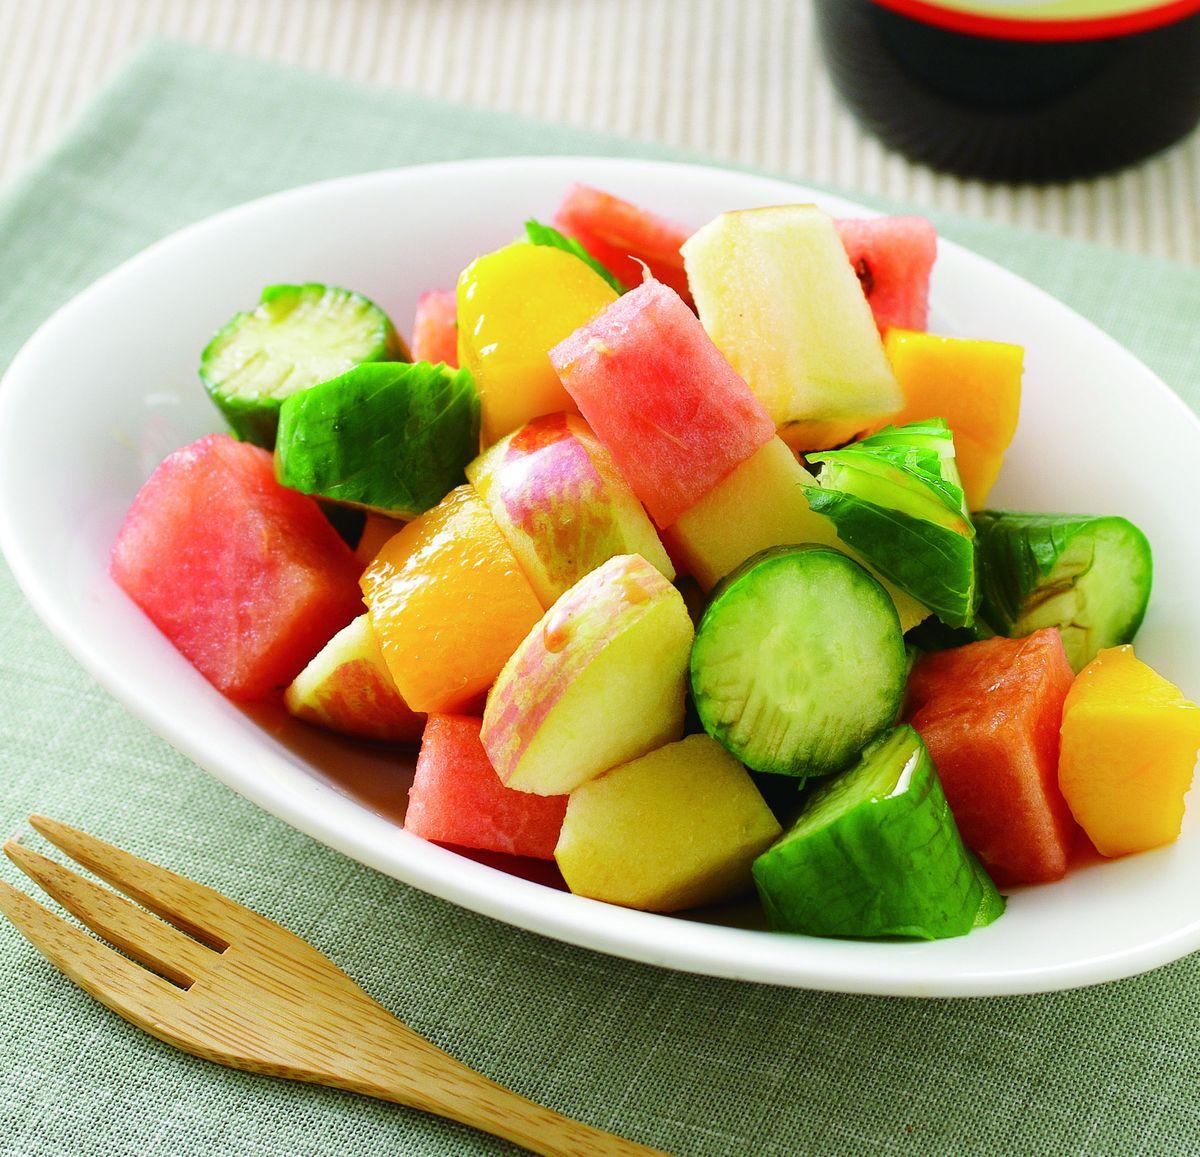 食譜:鮮果拌黃瓜